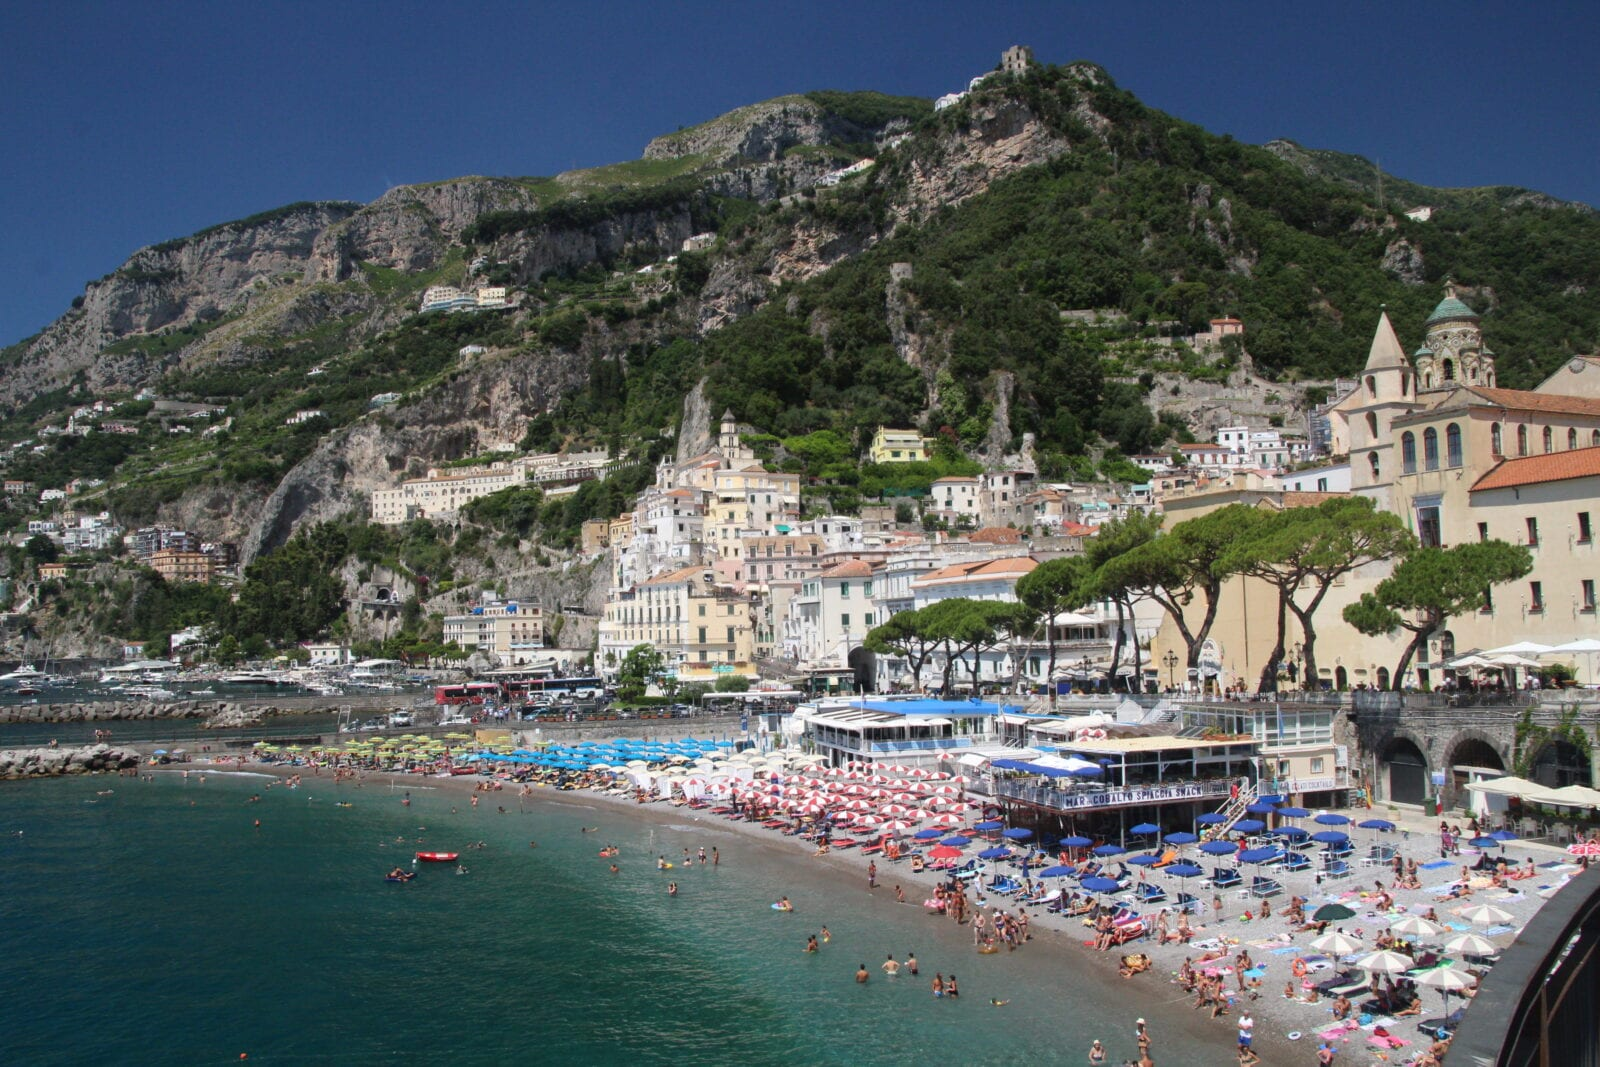 Vacances sur la côte amalfitaine et Pompéi